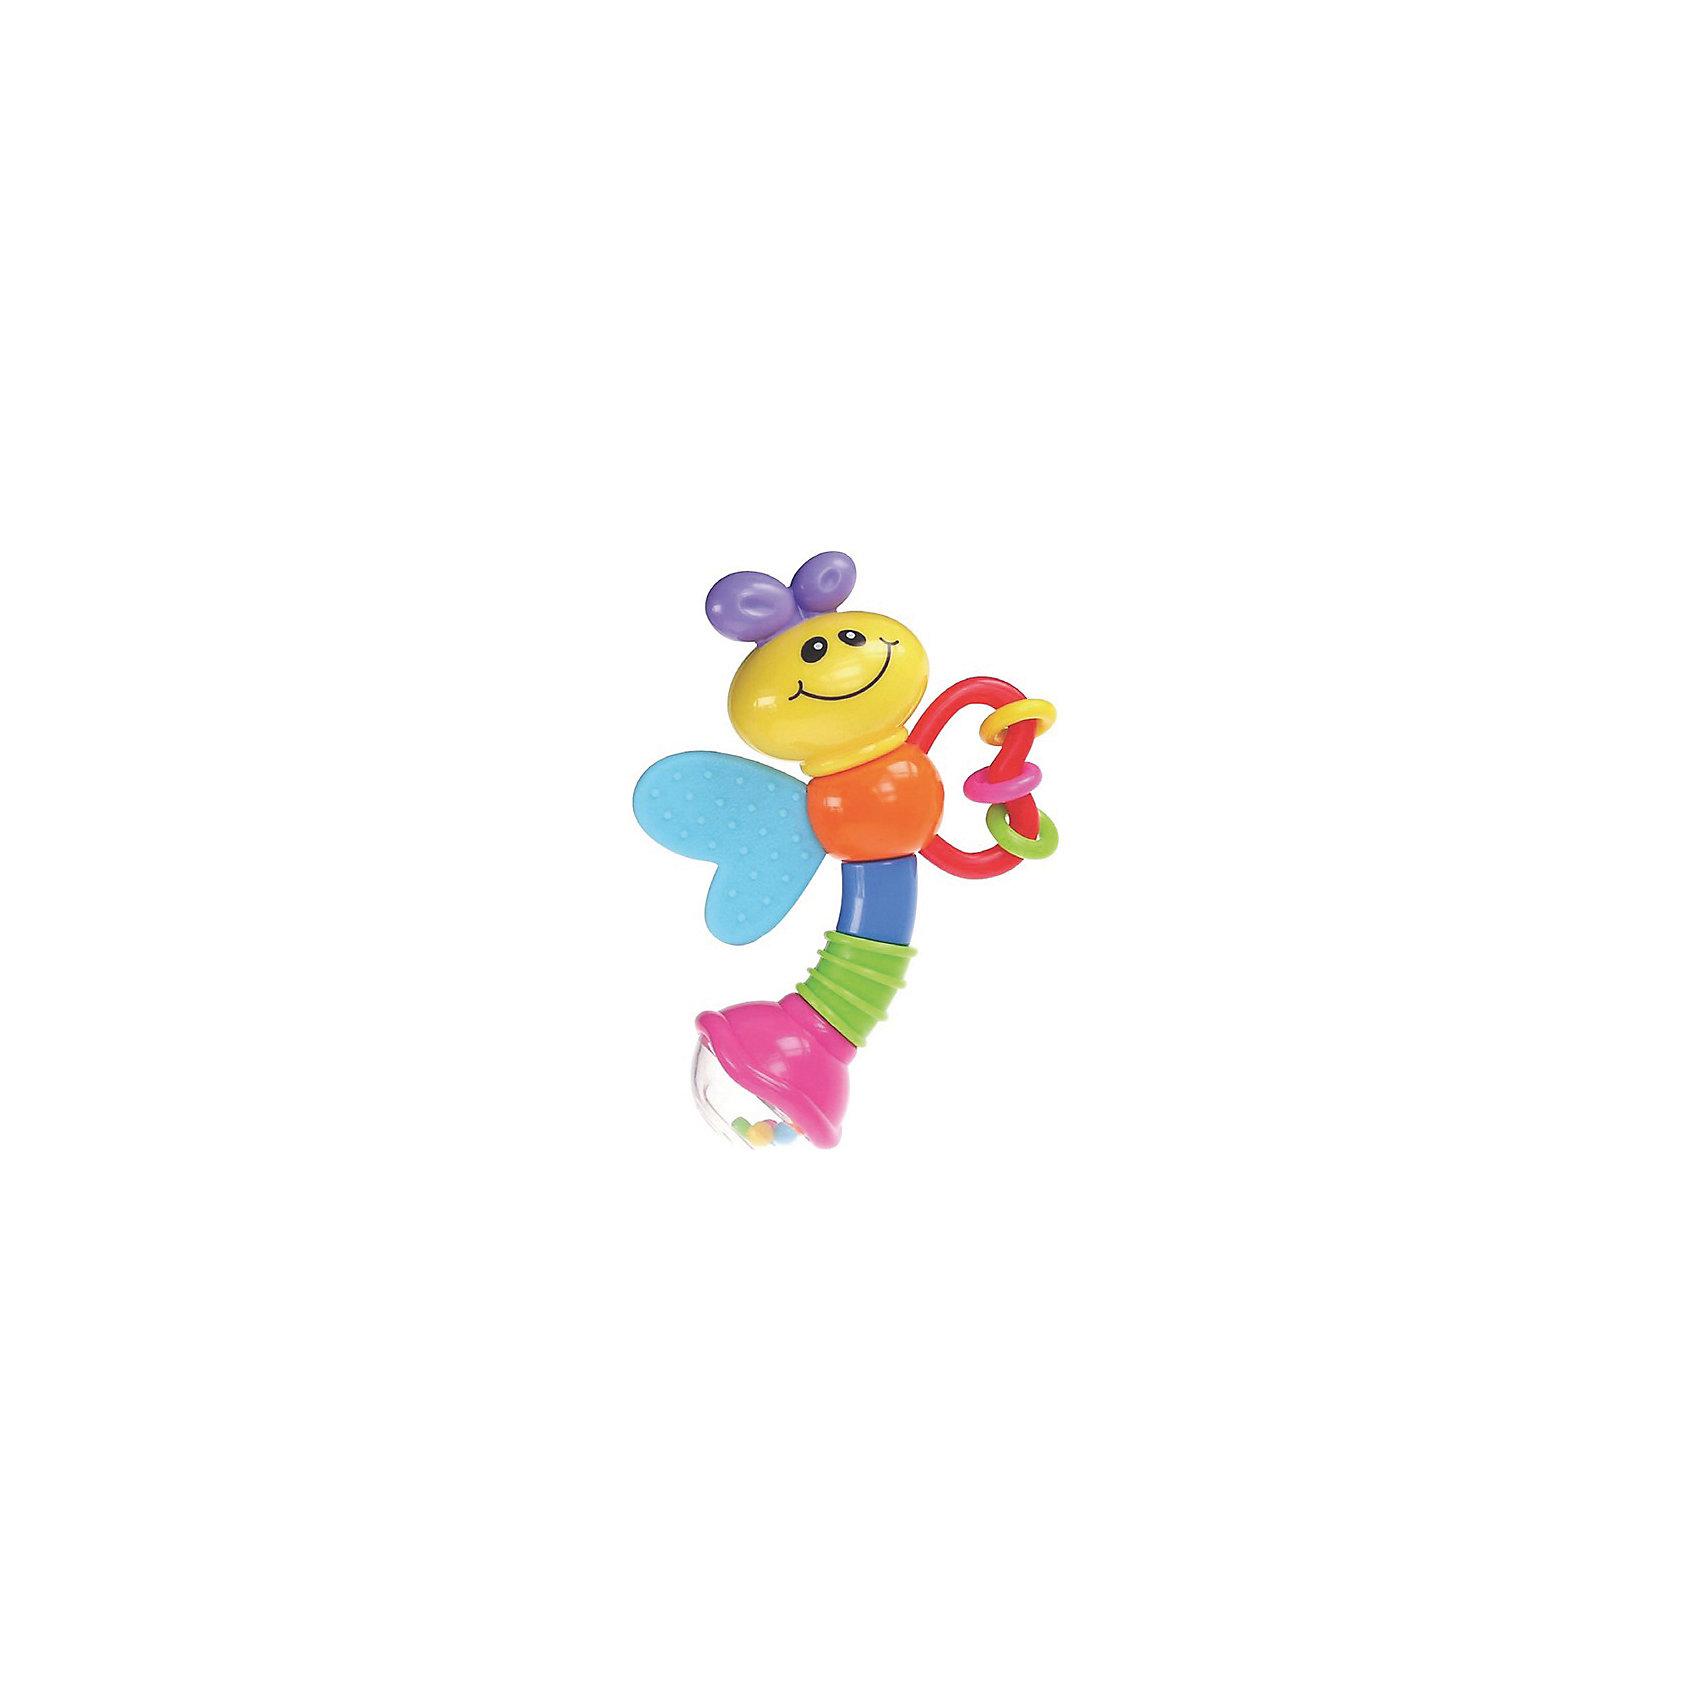 Игрушка Стрекоза, BKidsПогремушки<br>Развивать способности ребенка можно с самого раннего возраста. Делая это в игре, малыш всесторонне изучает мир и осваивает новые навыки. Эта игрушка представляет собой погремушку и прорезыватель в виде стрекозы с фактурной поверхностью. <br>Такие игрушки способствуют развитию мелкой моторики, воображения, цвето- и звуковосприятия, тактильных ощущений и обучению. Изделие разработано специально для самых маленьких. Сделано из материалов, безопасных для детей.<br><br>Дополнительная информация:<br><br>цвет: разноцветный;<br>размер упаковки: 10 х 10 см;<br>возраст: с рождения.<br><br>Игрушку Стрекоза от бренда BKids можно купить в нашем интернет-магазине.<br><br>Ширина мм: 101<br>Глубина мм: 101<br>Высота мм: 20<br>Вес г: 95<br>Возраст от месяцев: 0<br>Возраст до месяцев: 36<br>Пол: Унисекс<br>Возраст: Детский<br>SKU: 5055388